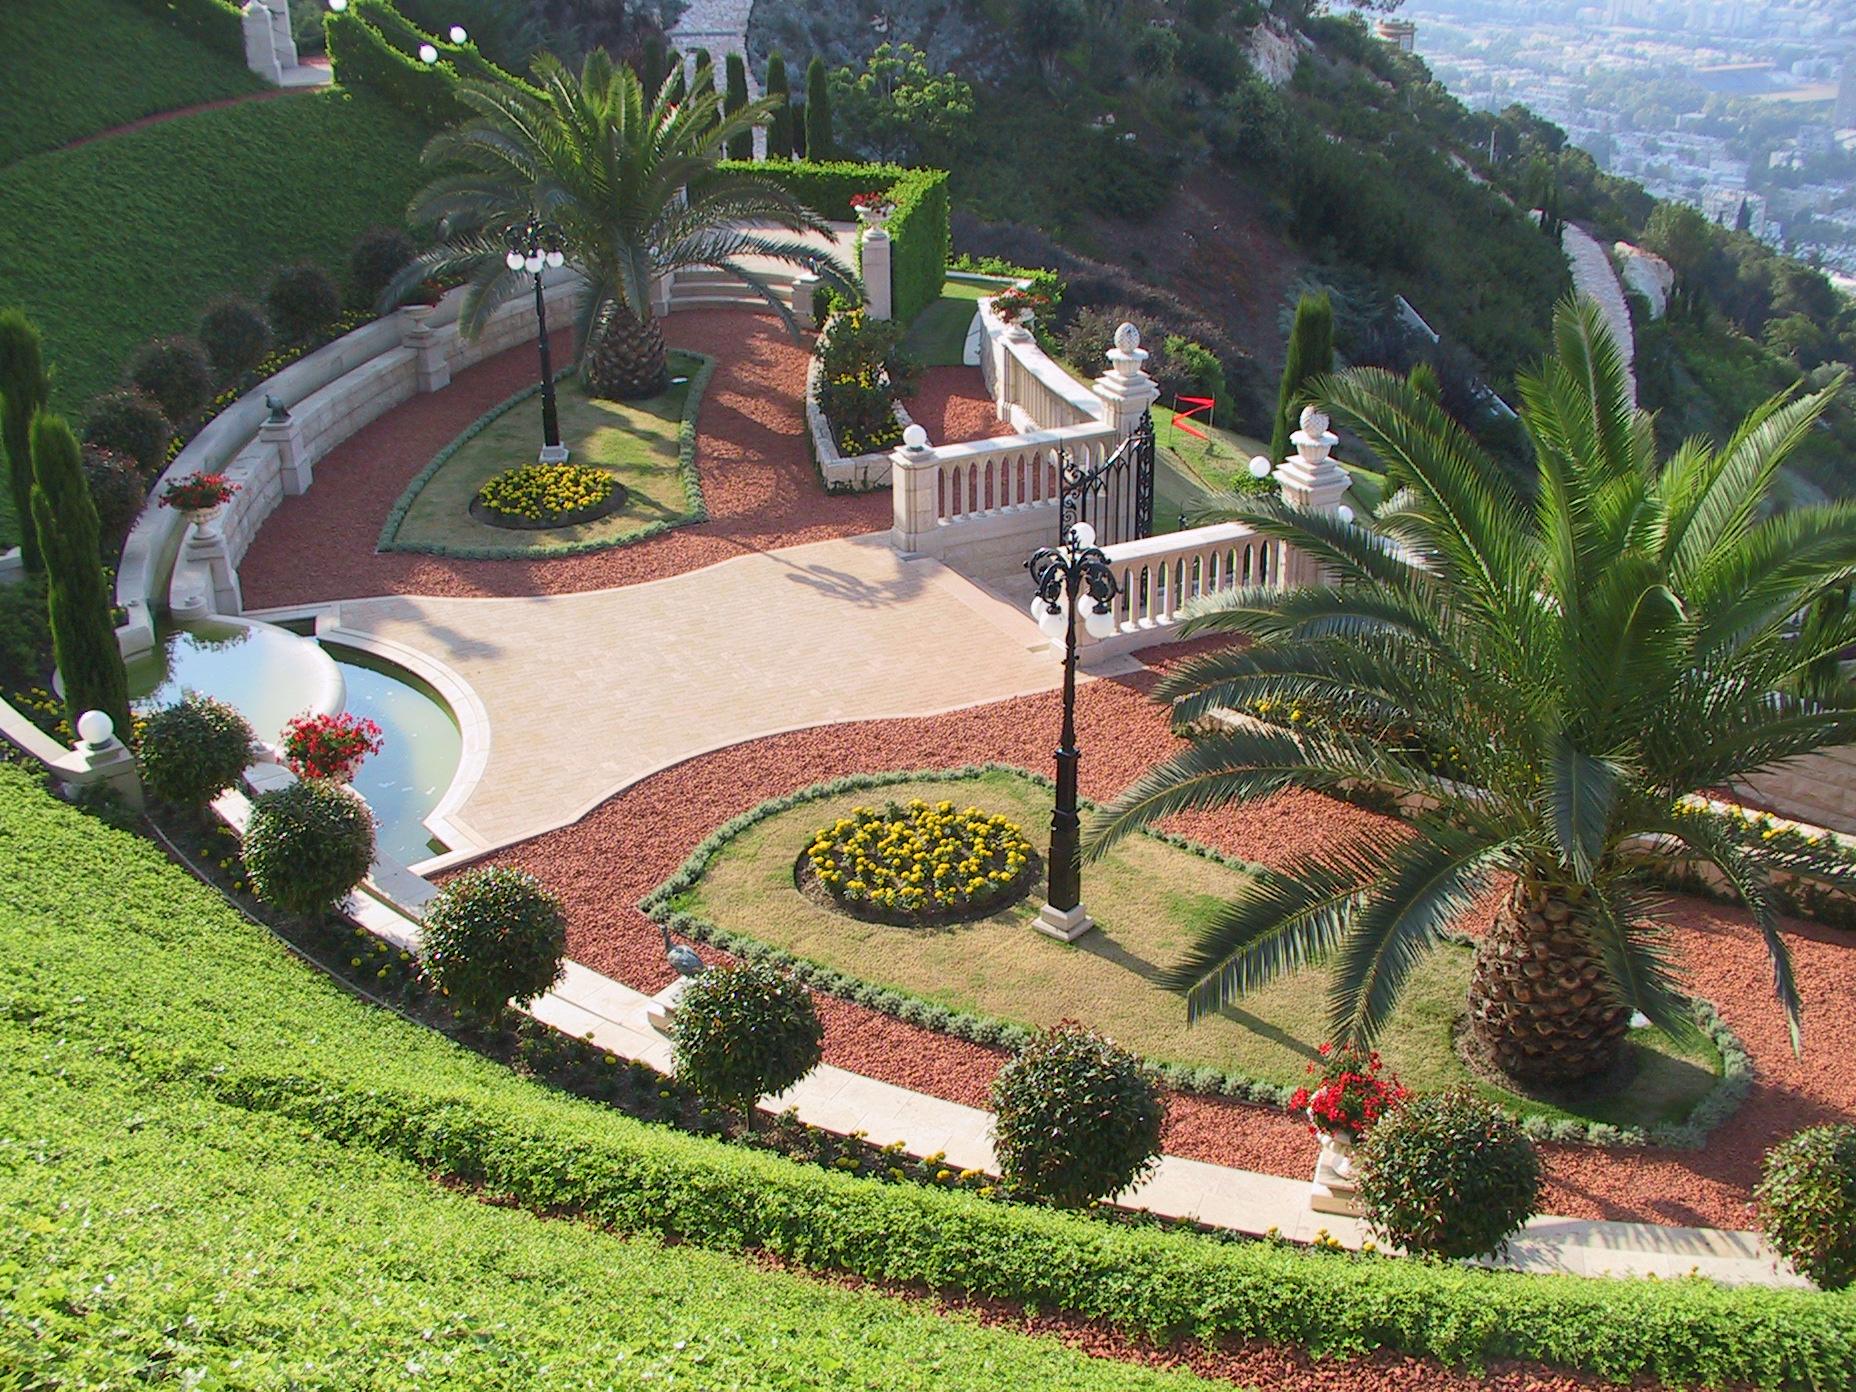 Building Terraced Garden Beds